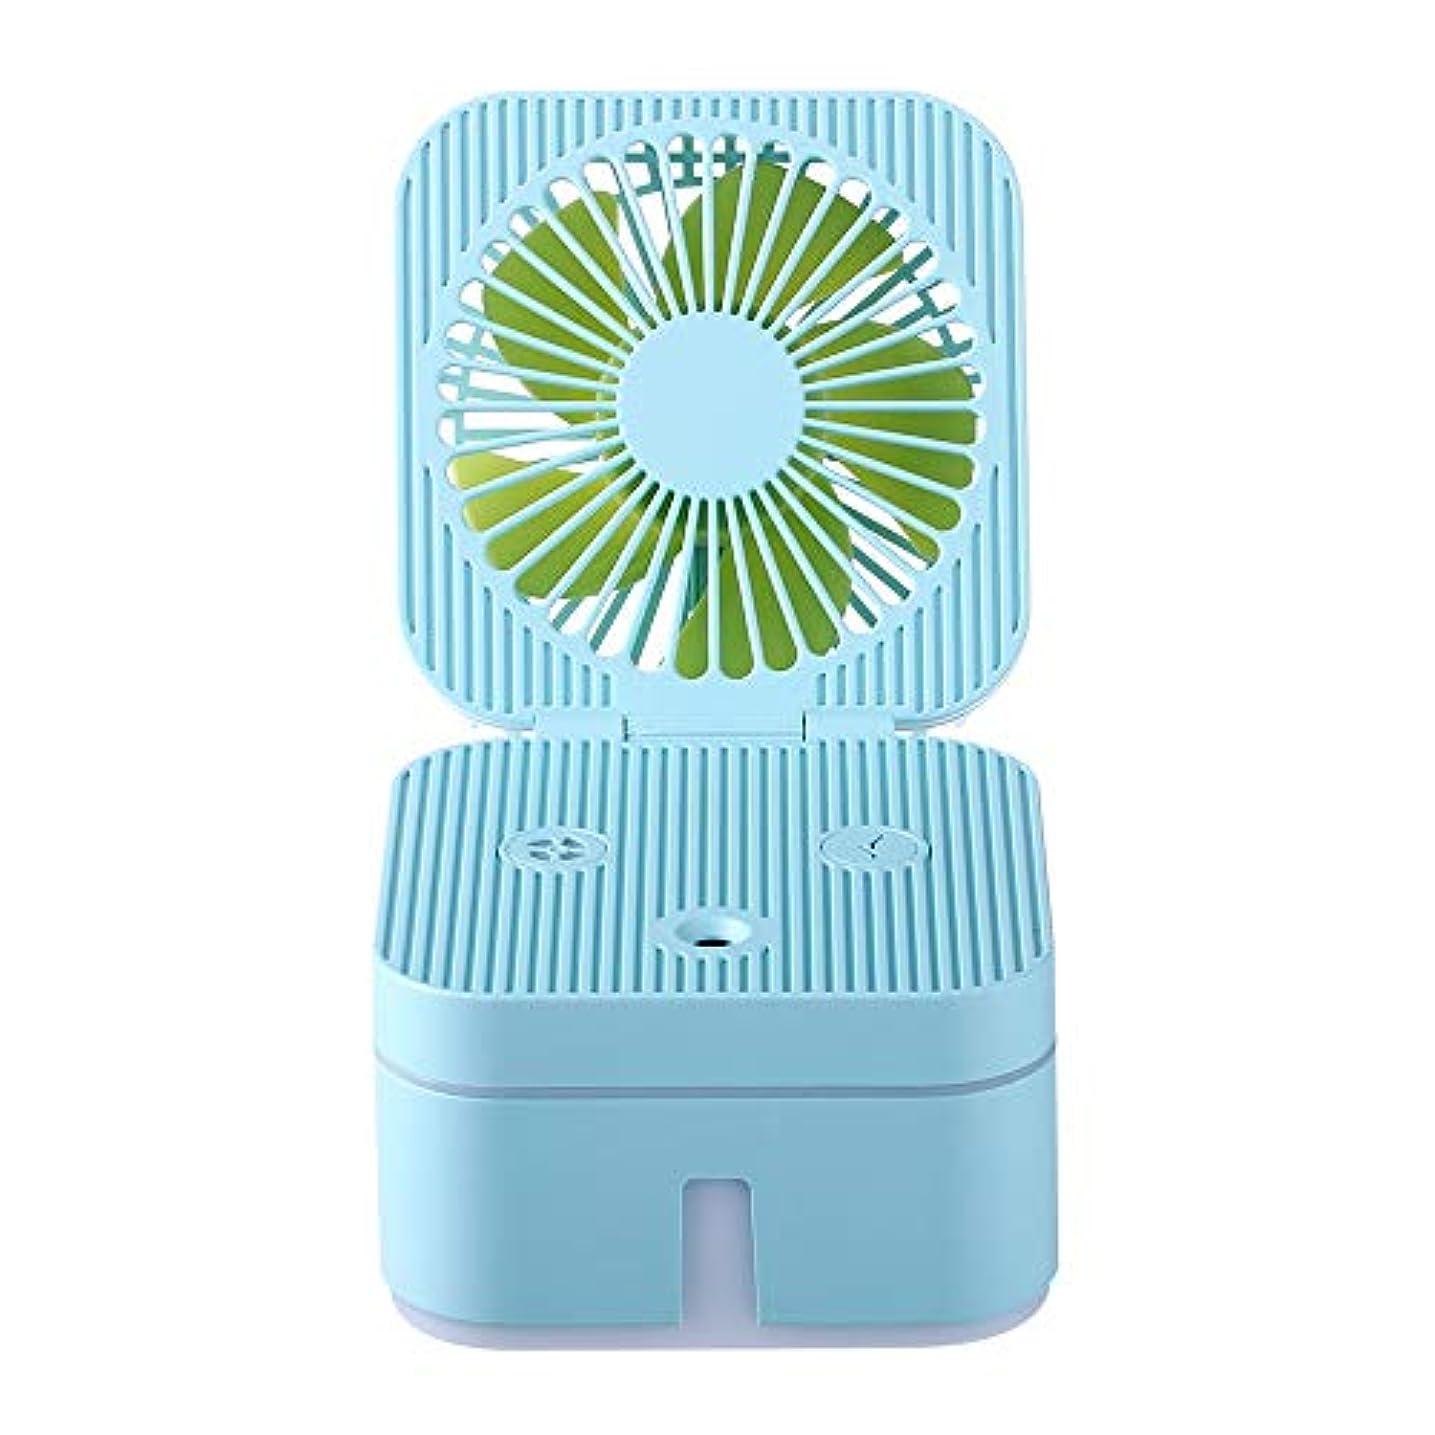 試す落ち着く反応するZXF 容量保湿美容機器ABS素材USB充電加湿器ウォータースプレーメーターブルー 滑らかである